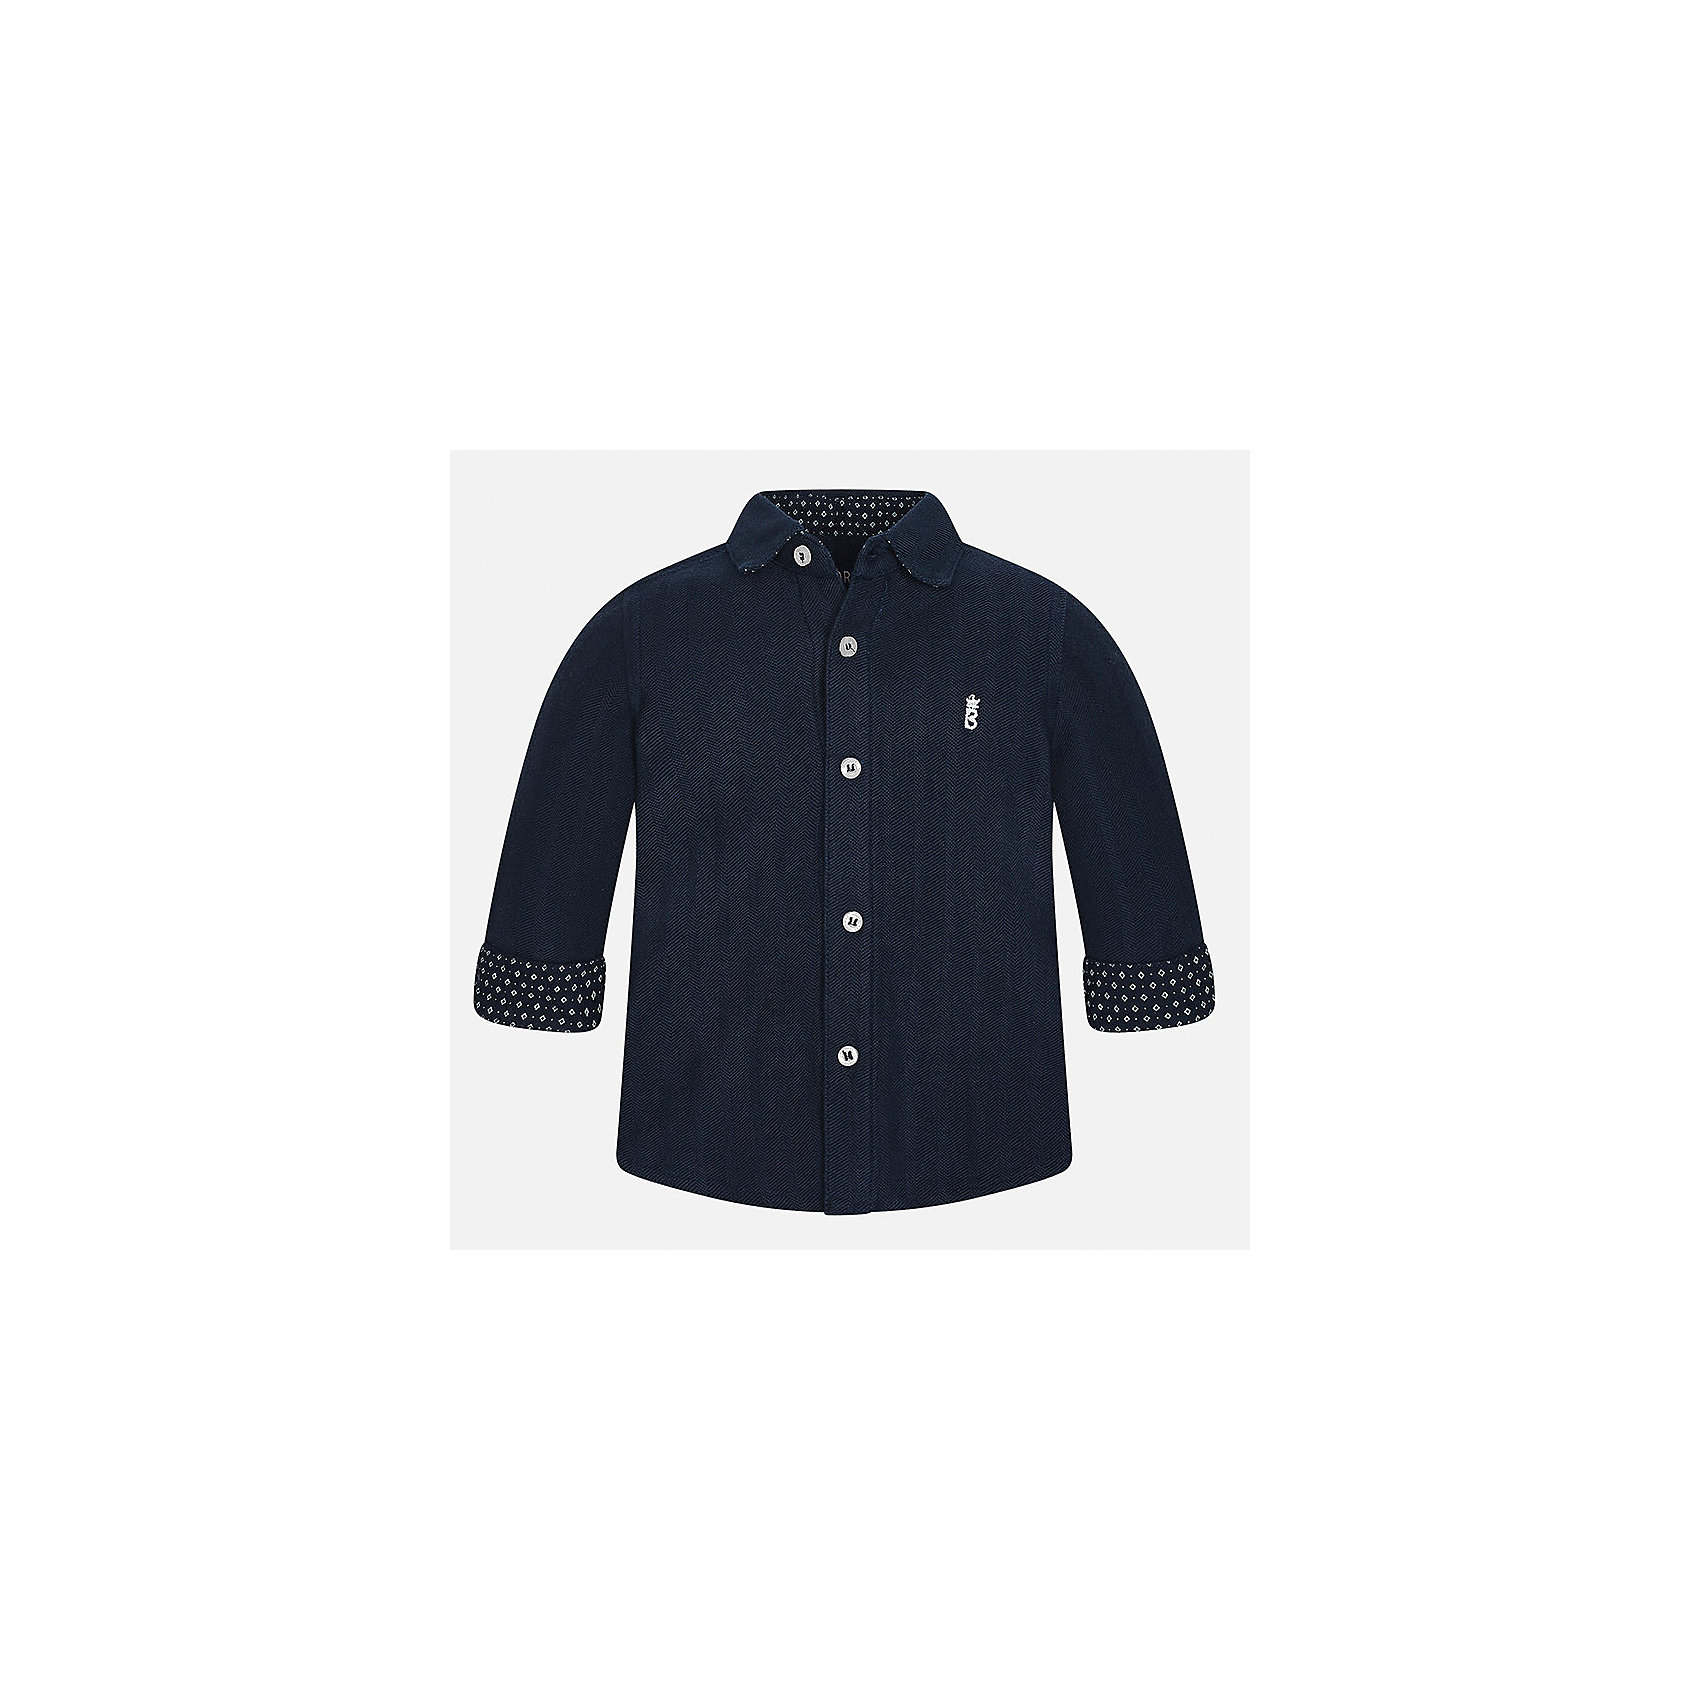 Рубашка Mayoral для мальчикаБлузки и рубашки<br>Характеристики товара:<br><br>• цвет: темно-синий<br>• состав ткани: 100% хлопок<br>• сезон: демисезон<br>• особенности модели: школьная<br>• застежка: пуговицы<br>• длинные рукава<br>• страна бренда: Испания<br>• страна изготовитель: Индия<br><br>Эта детская рубашка сделана из дышащего приятного на ощупь материала. Благодаря продуманному крою детской рубашки создаются комфортные условия для тела. Рубашка с длинным рукавом для мальчика отличается стильным продуманным дизайном.<br><br>Рубашку для мальчика Mayoral (Майорал) можно купить в нашем интернет-магазине.<br><br>Ширина мм: 174<br>Глубина мм: 10<br>Высота мм: 169<br>Вес г: 157<br>Цвет: темно-синий<br>Возраст от месяцев: 24<br>Возраст до месяцев: 36<br>Пол: Мужской<br>Возраст: Детский<br>Размер: 98,80,86,92<br>SKU: 6935024